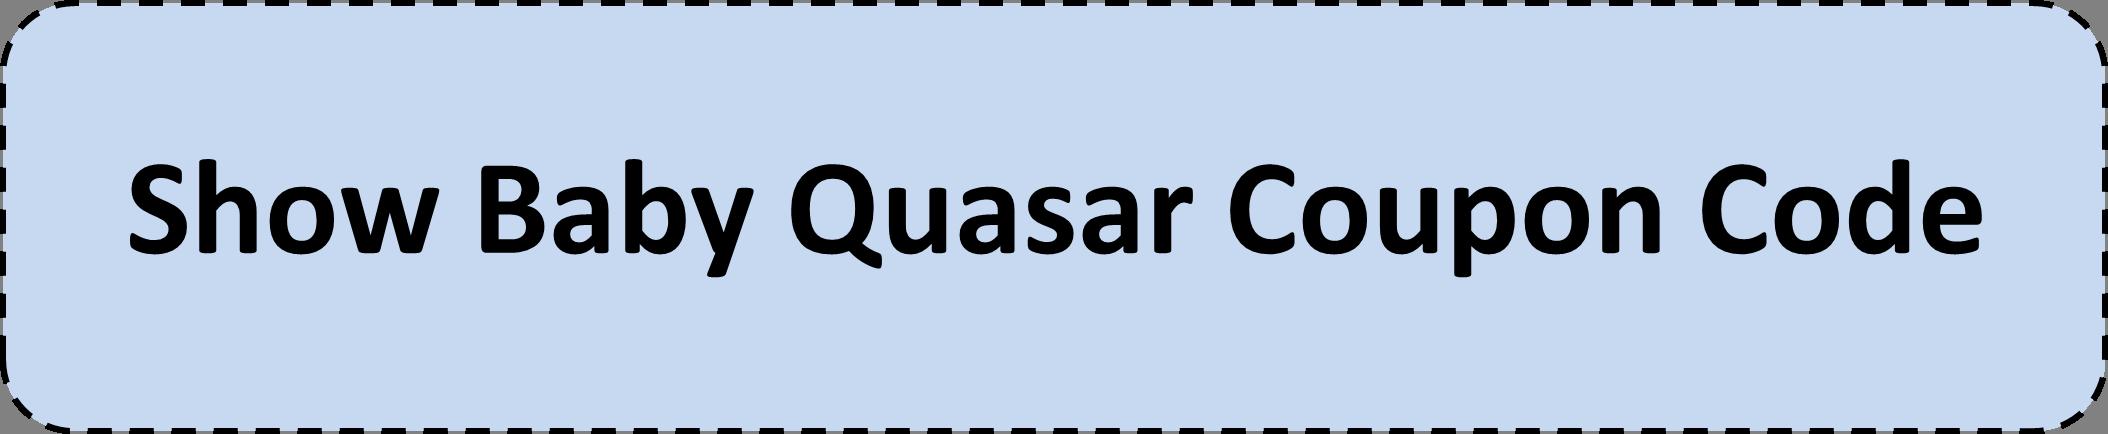 quasar promo code